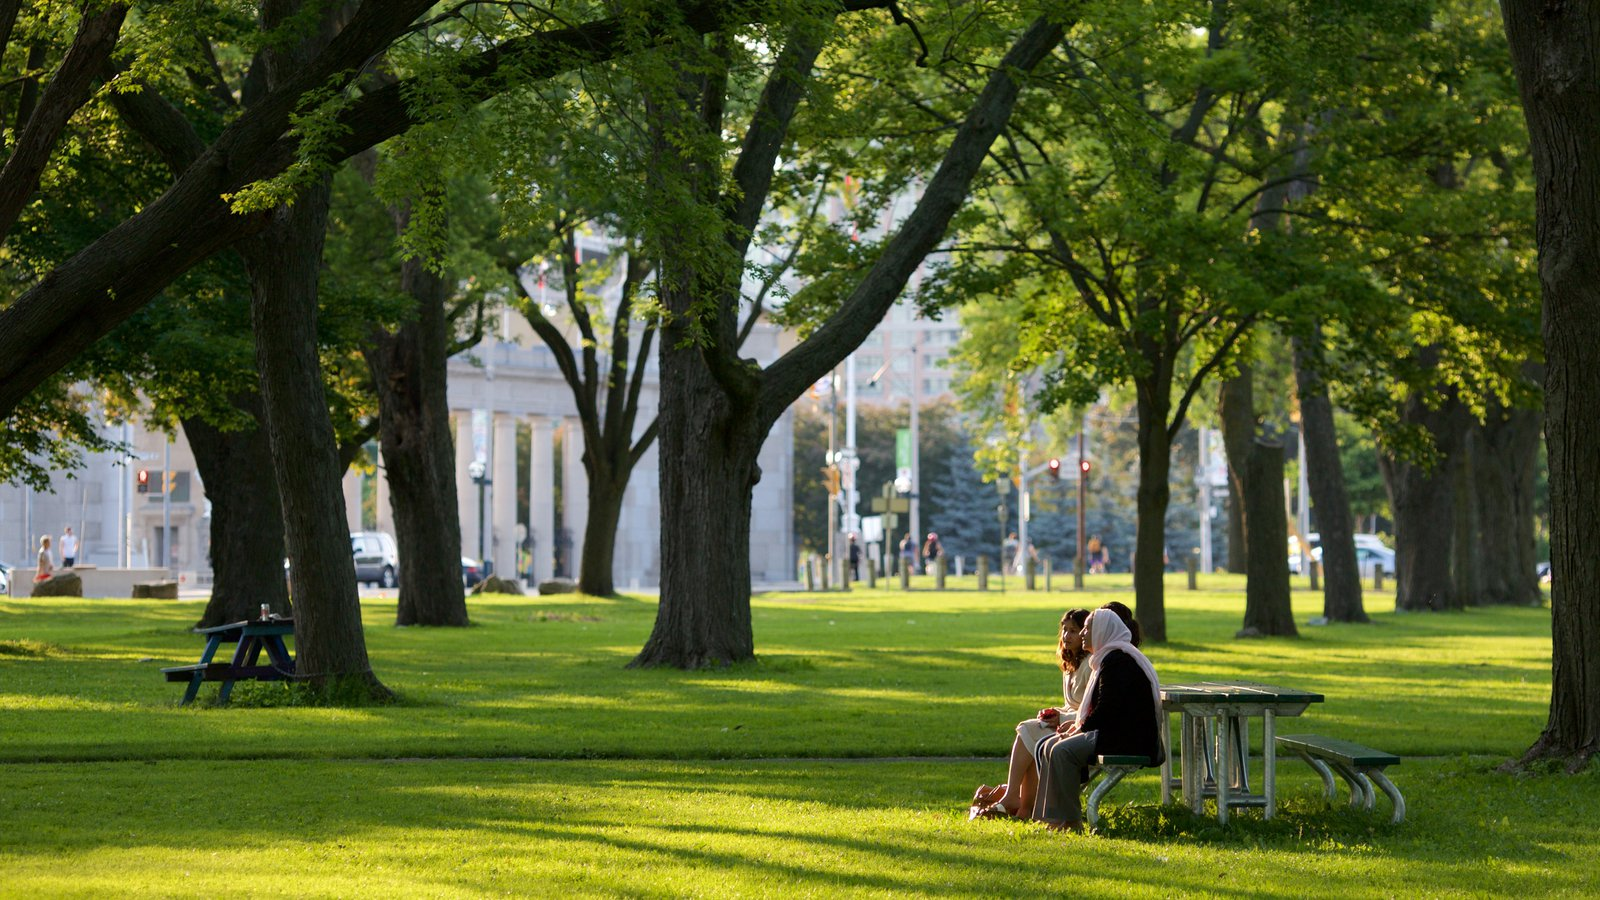 Harbourfront, Toronto, Ontario, Canadá ofreciendo un jardín y también un pequeño grupo de personas